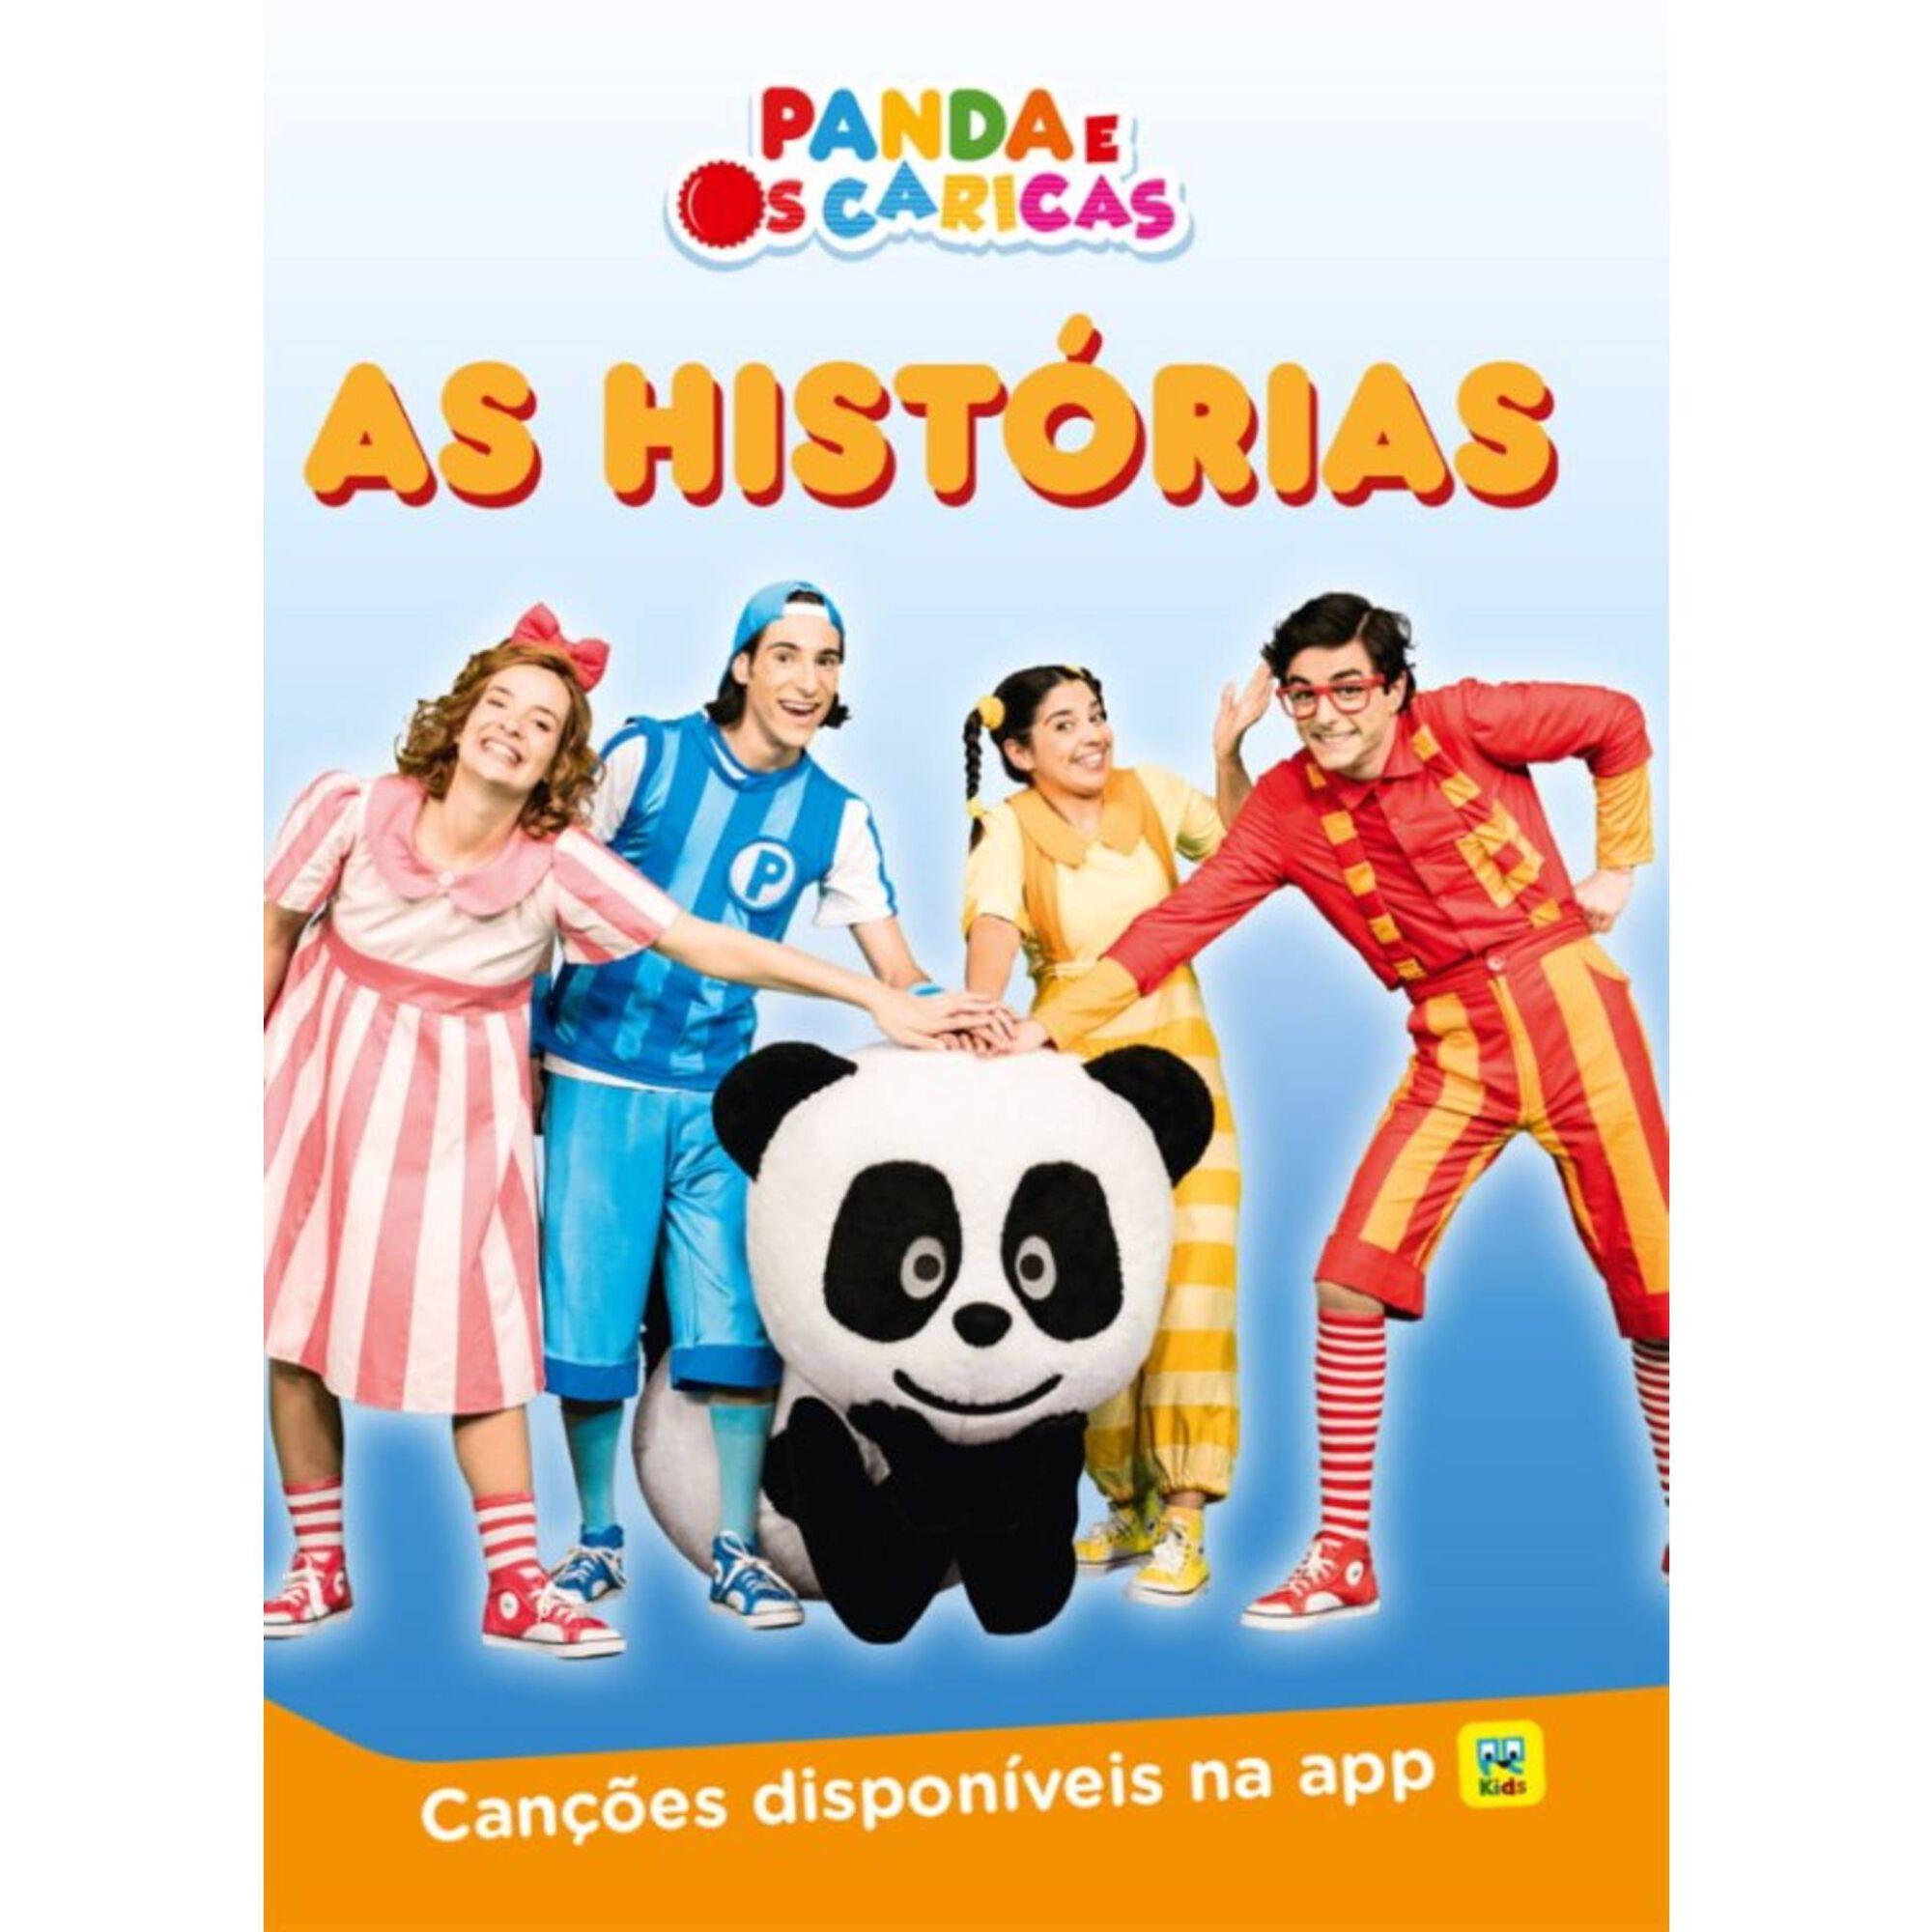 Panda e os Caricas - As Histórias